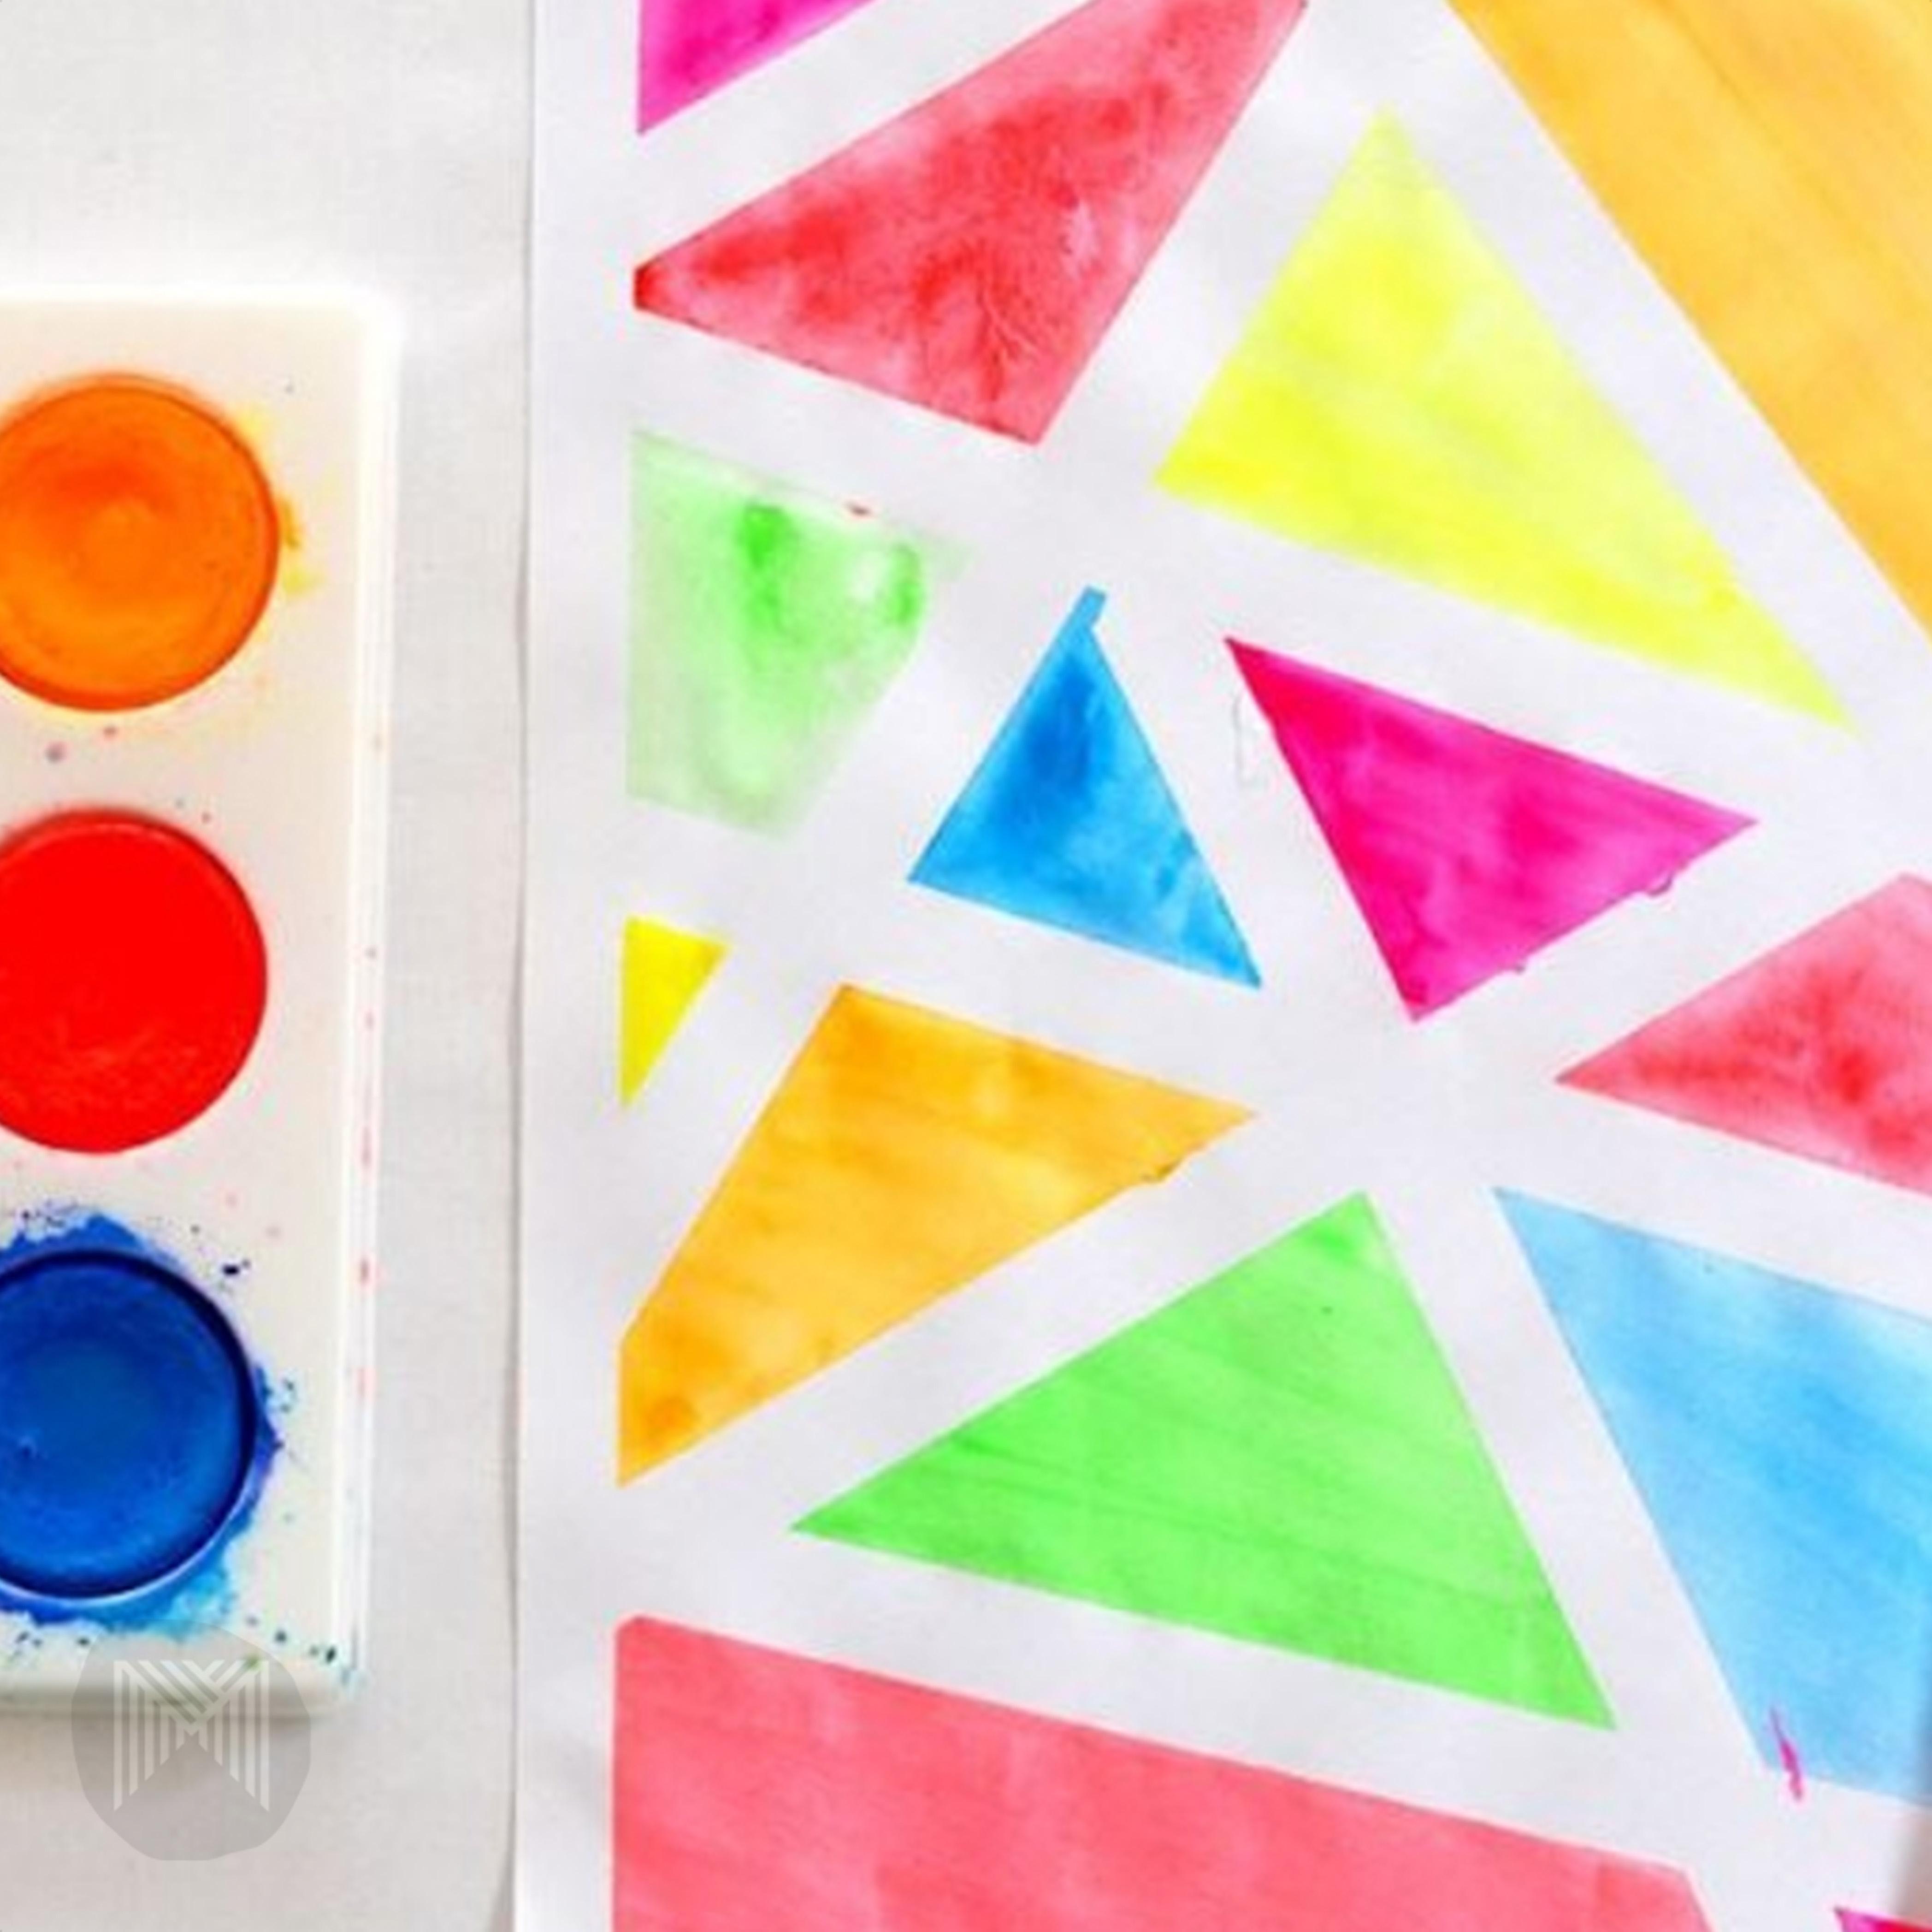 Large Paint Discs!